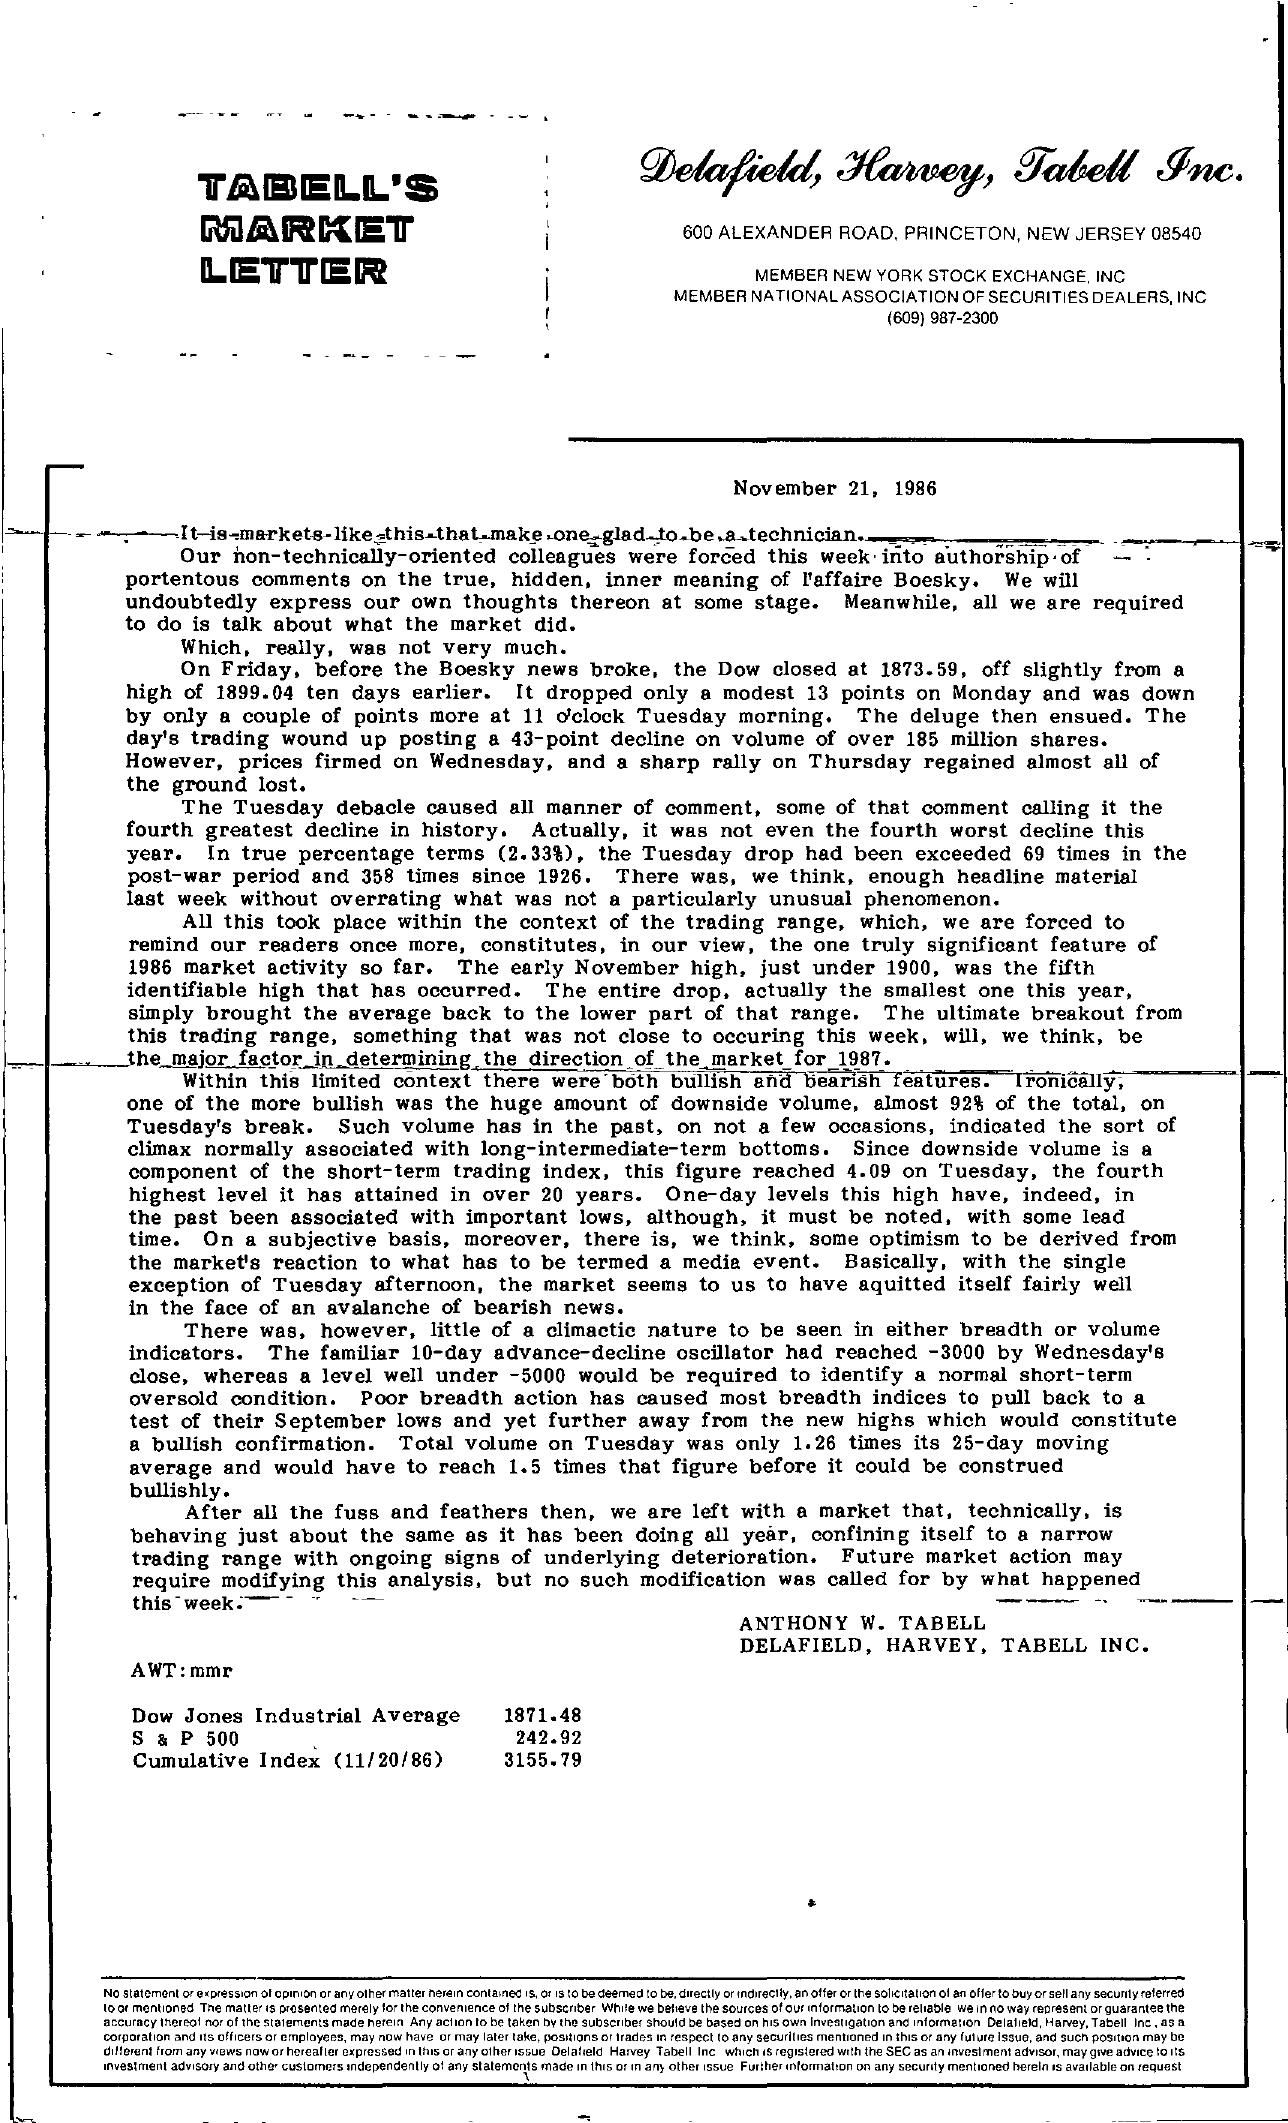 Tabell's Market Letter - November 21, 1986